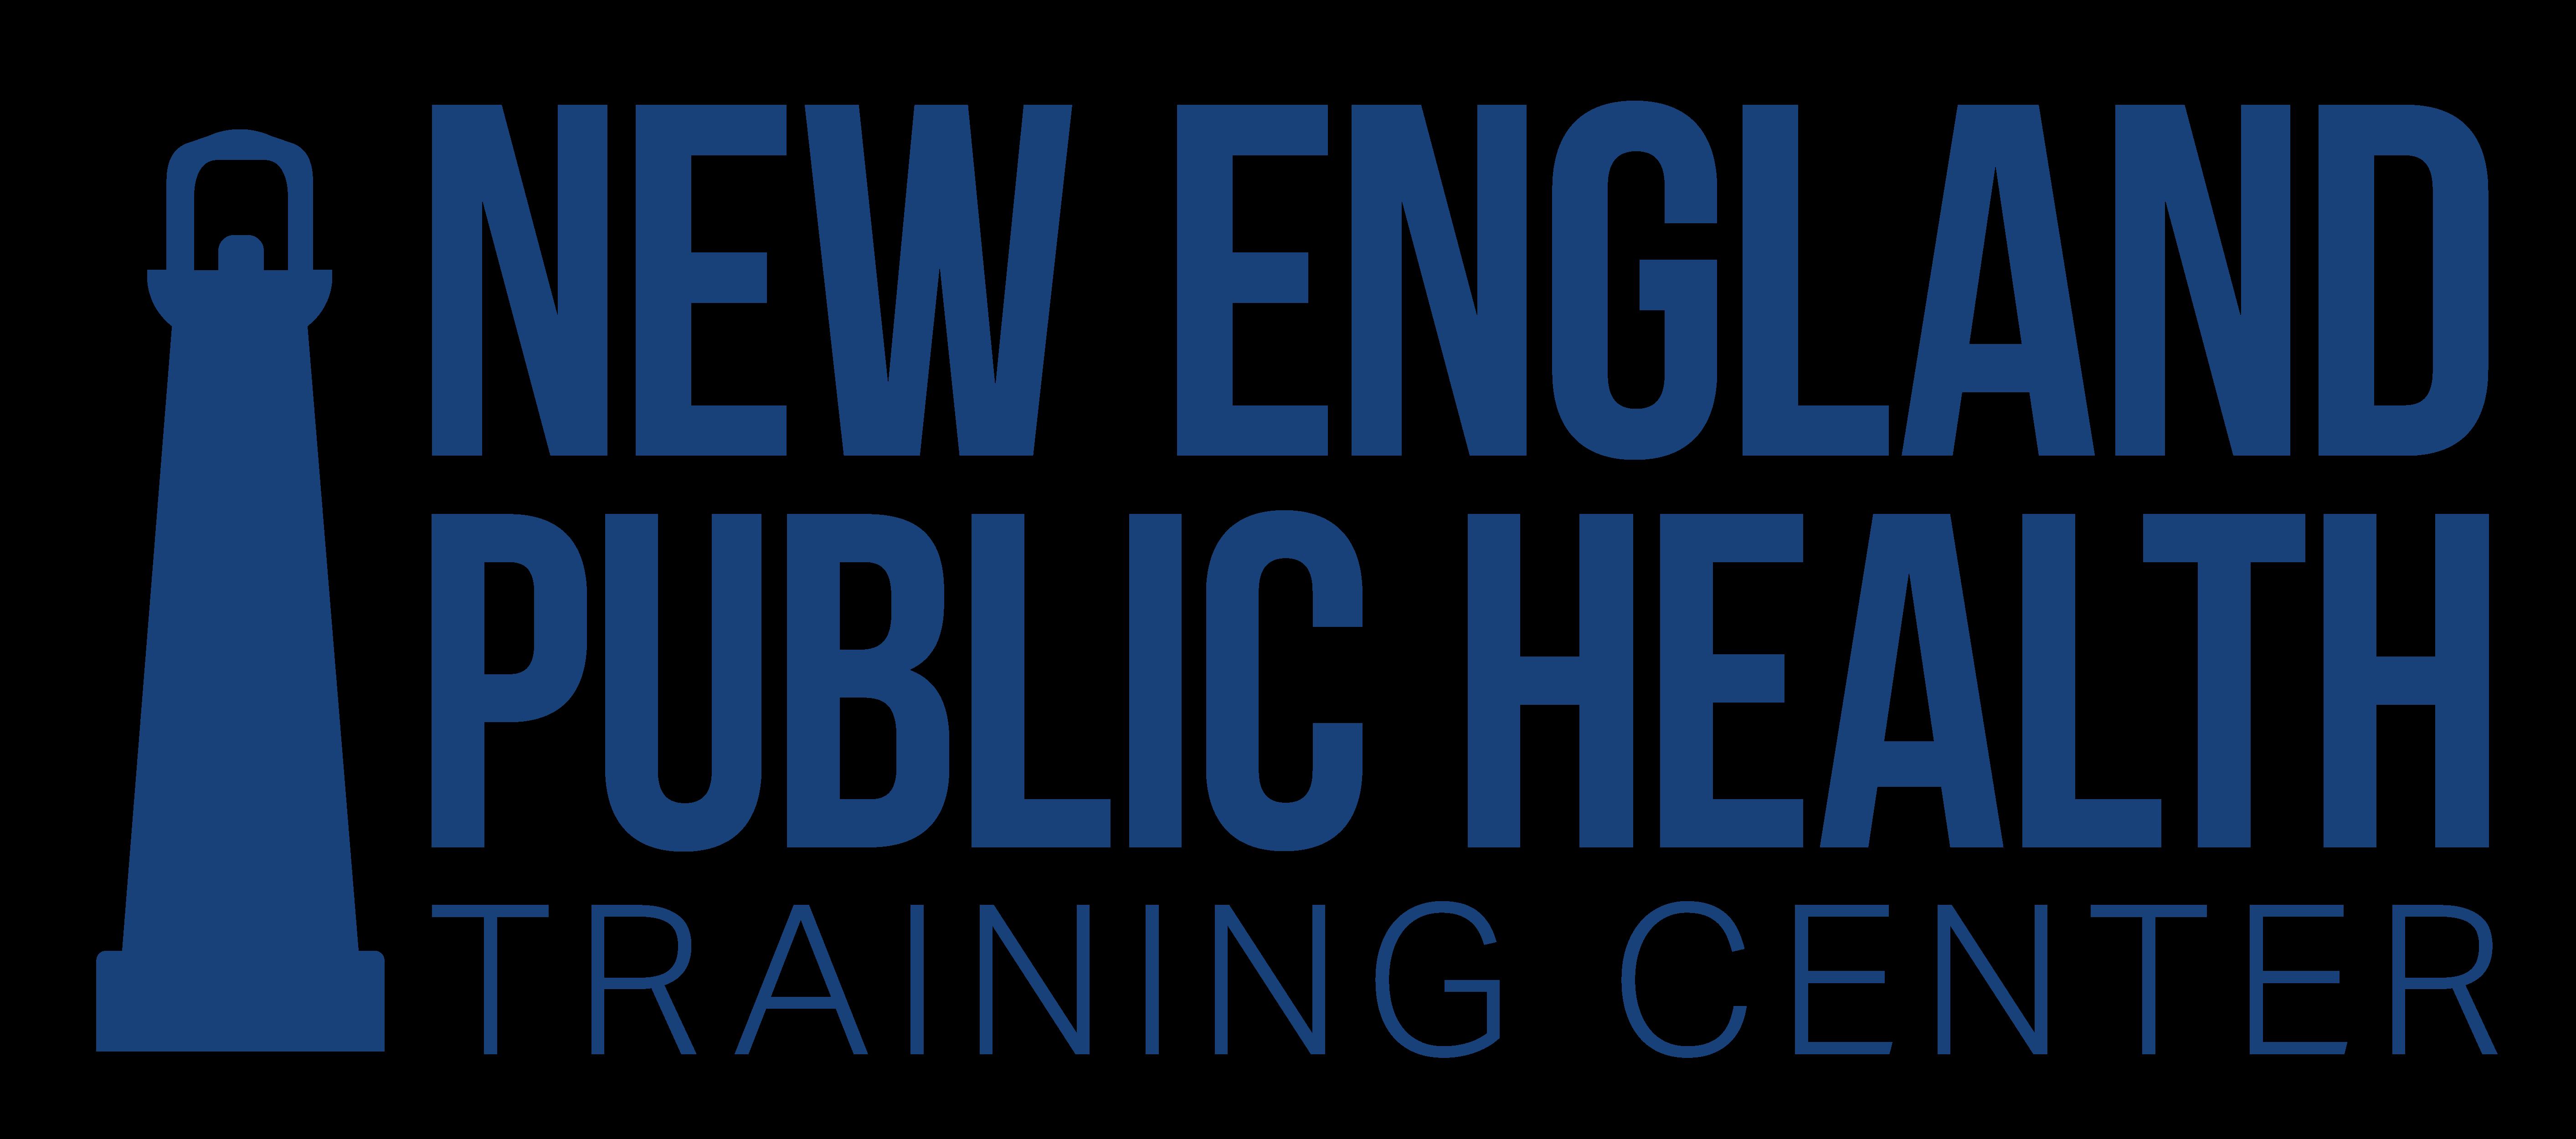 NEPHTC Logo